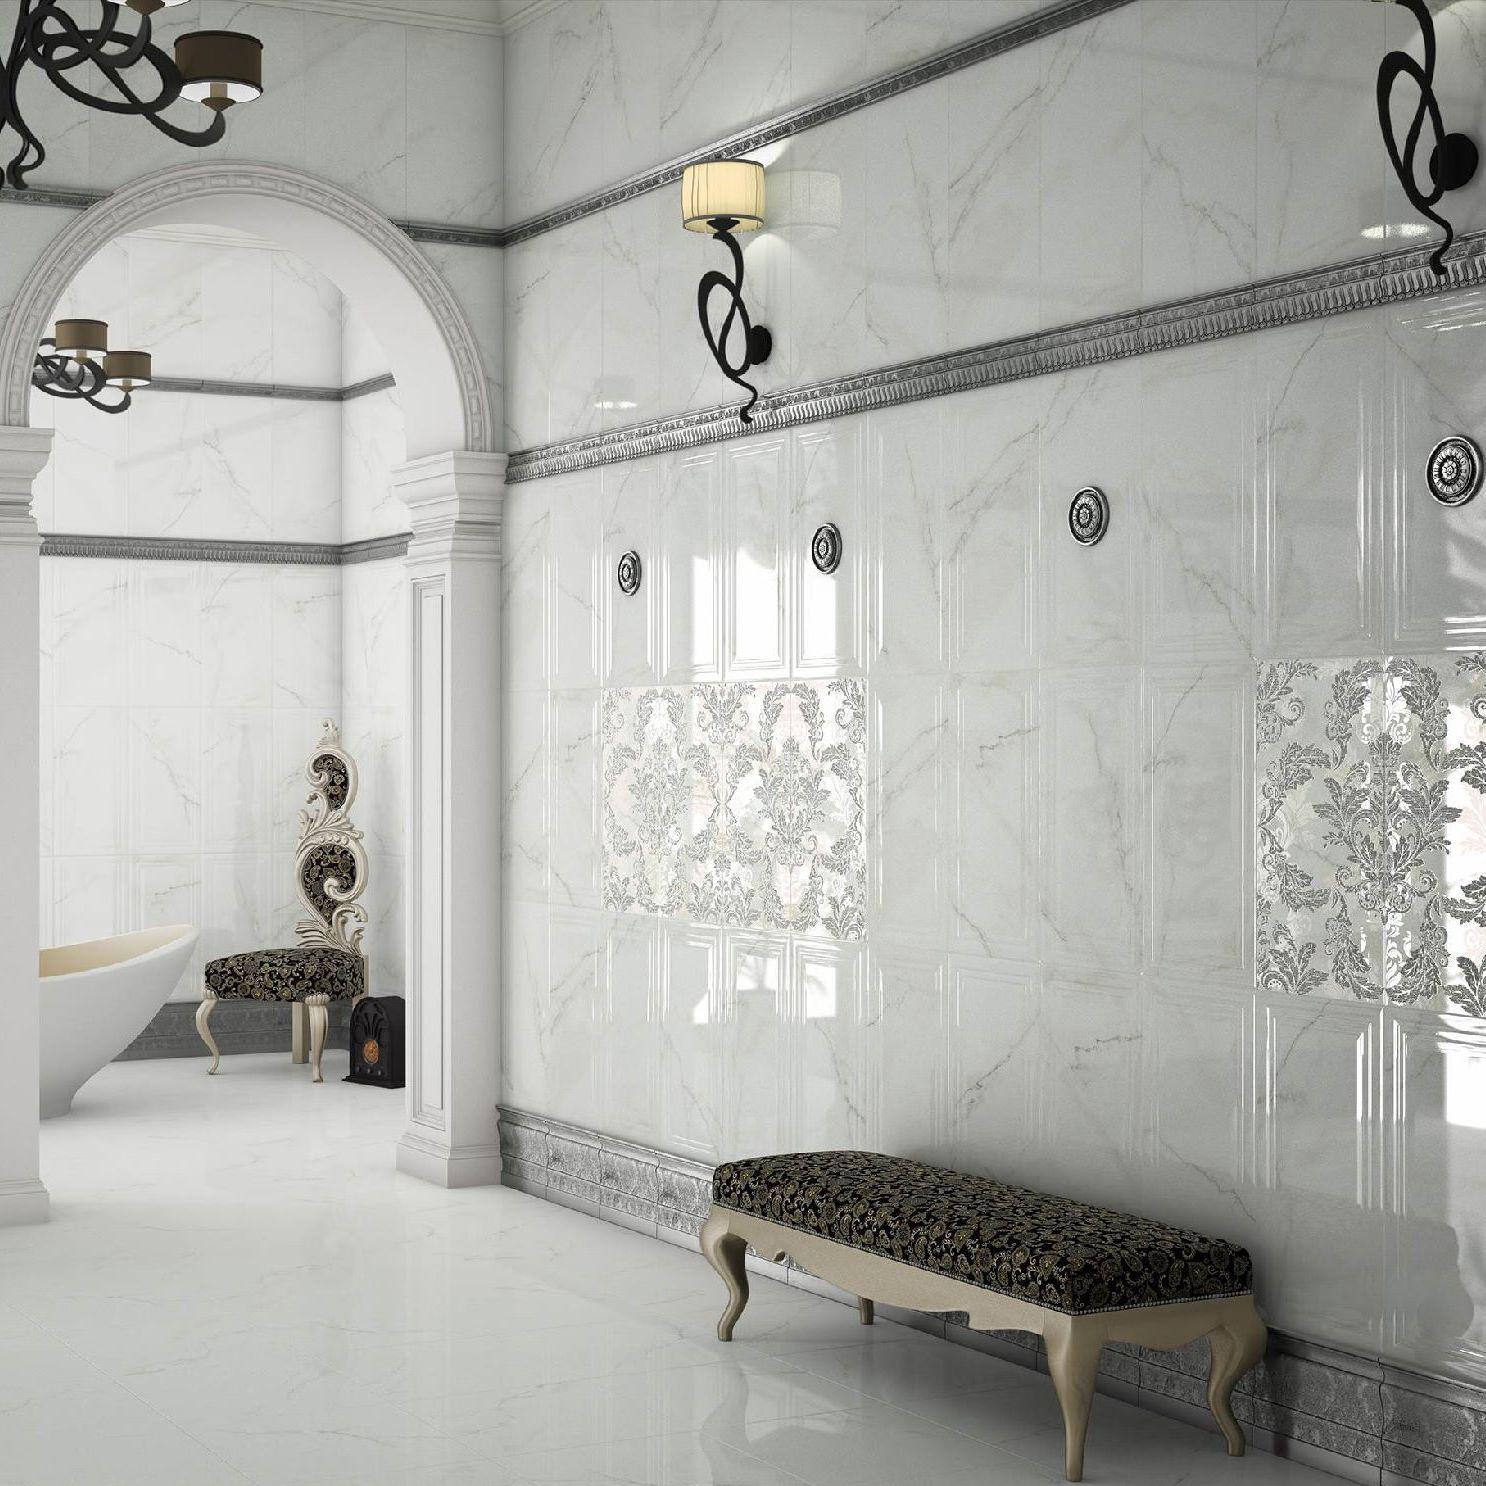 Bekannt Badezimmer-Fliesen / Wand / für Böden / Keramik - CORINTO - SALONI JN81